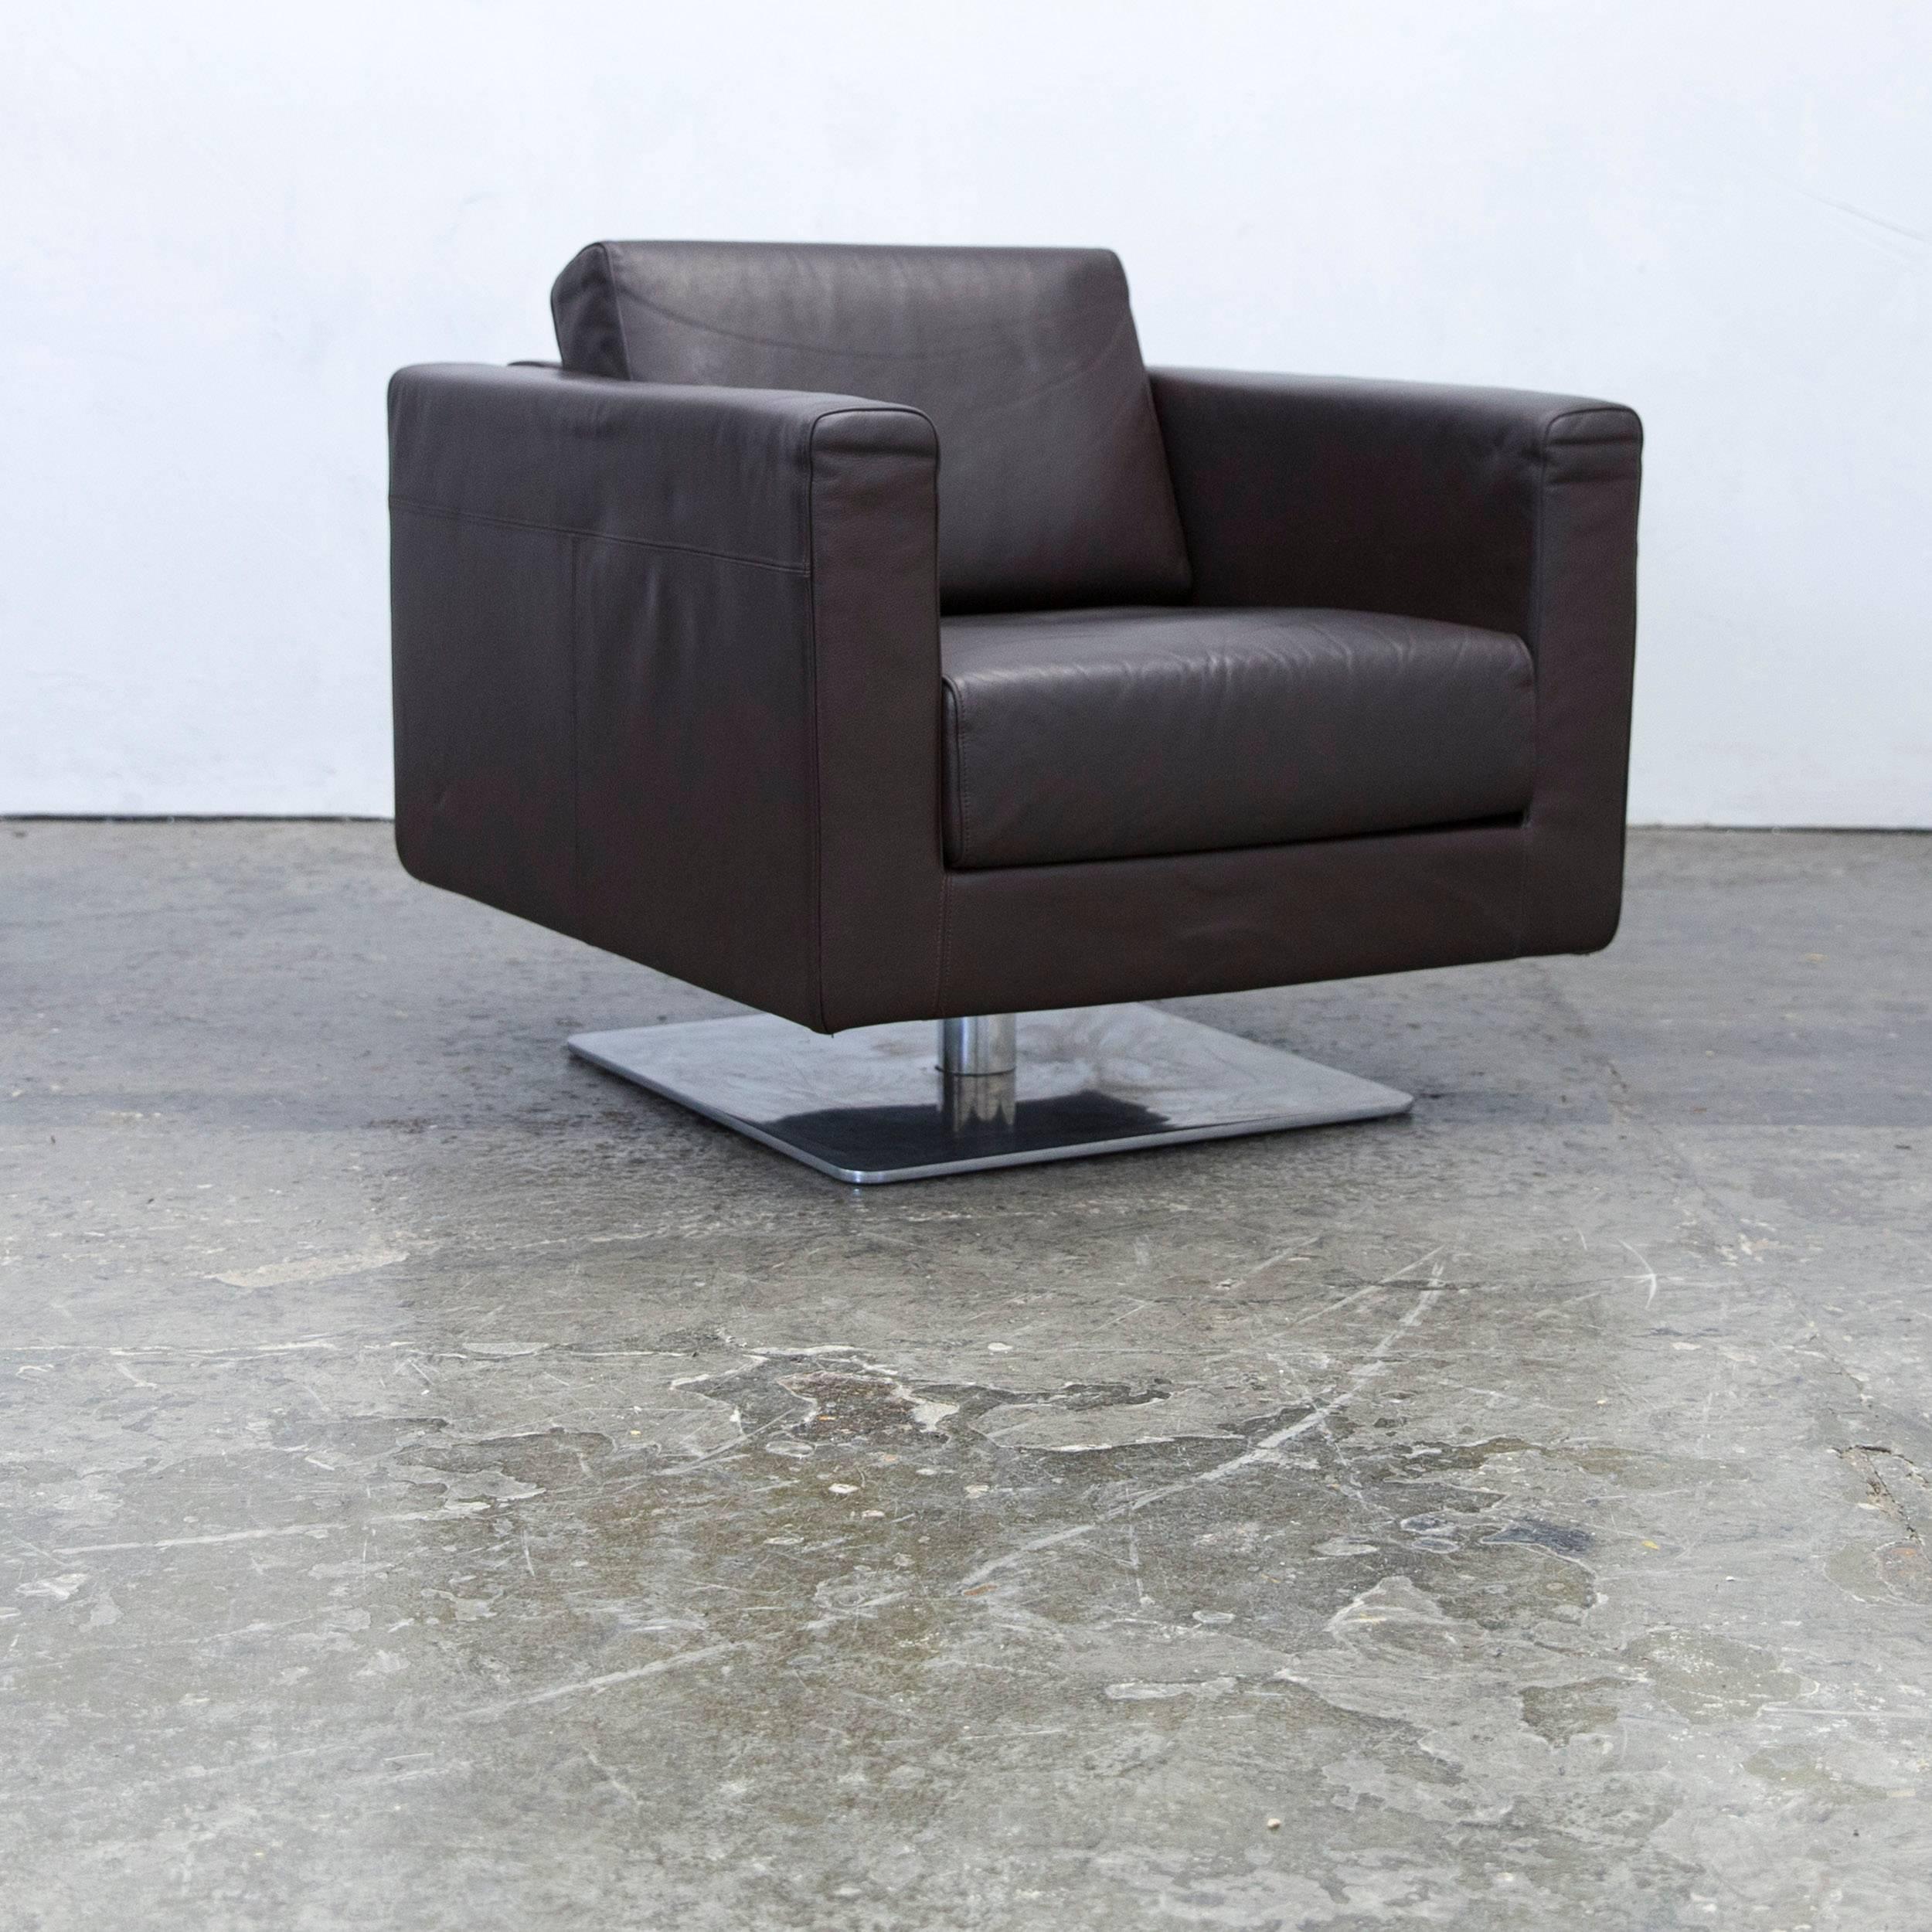 vitra brostuhl leder top aliexpress df computer stuhl esports stuhl brostuhl innerhalb brostuhl. Black Bedroom Furniture Sets. Home Design Ideas